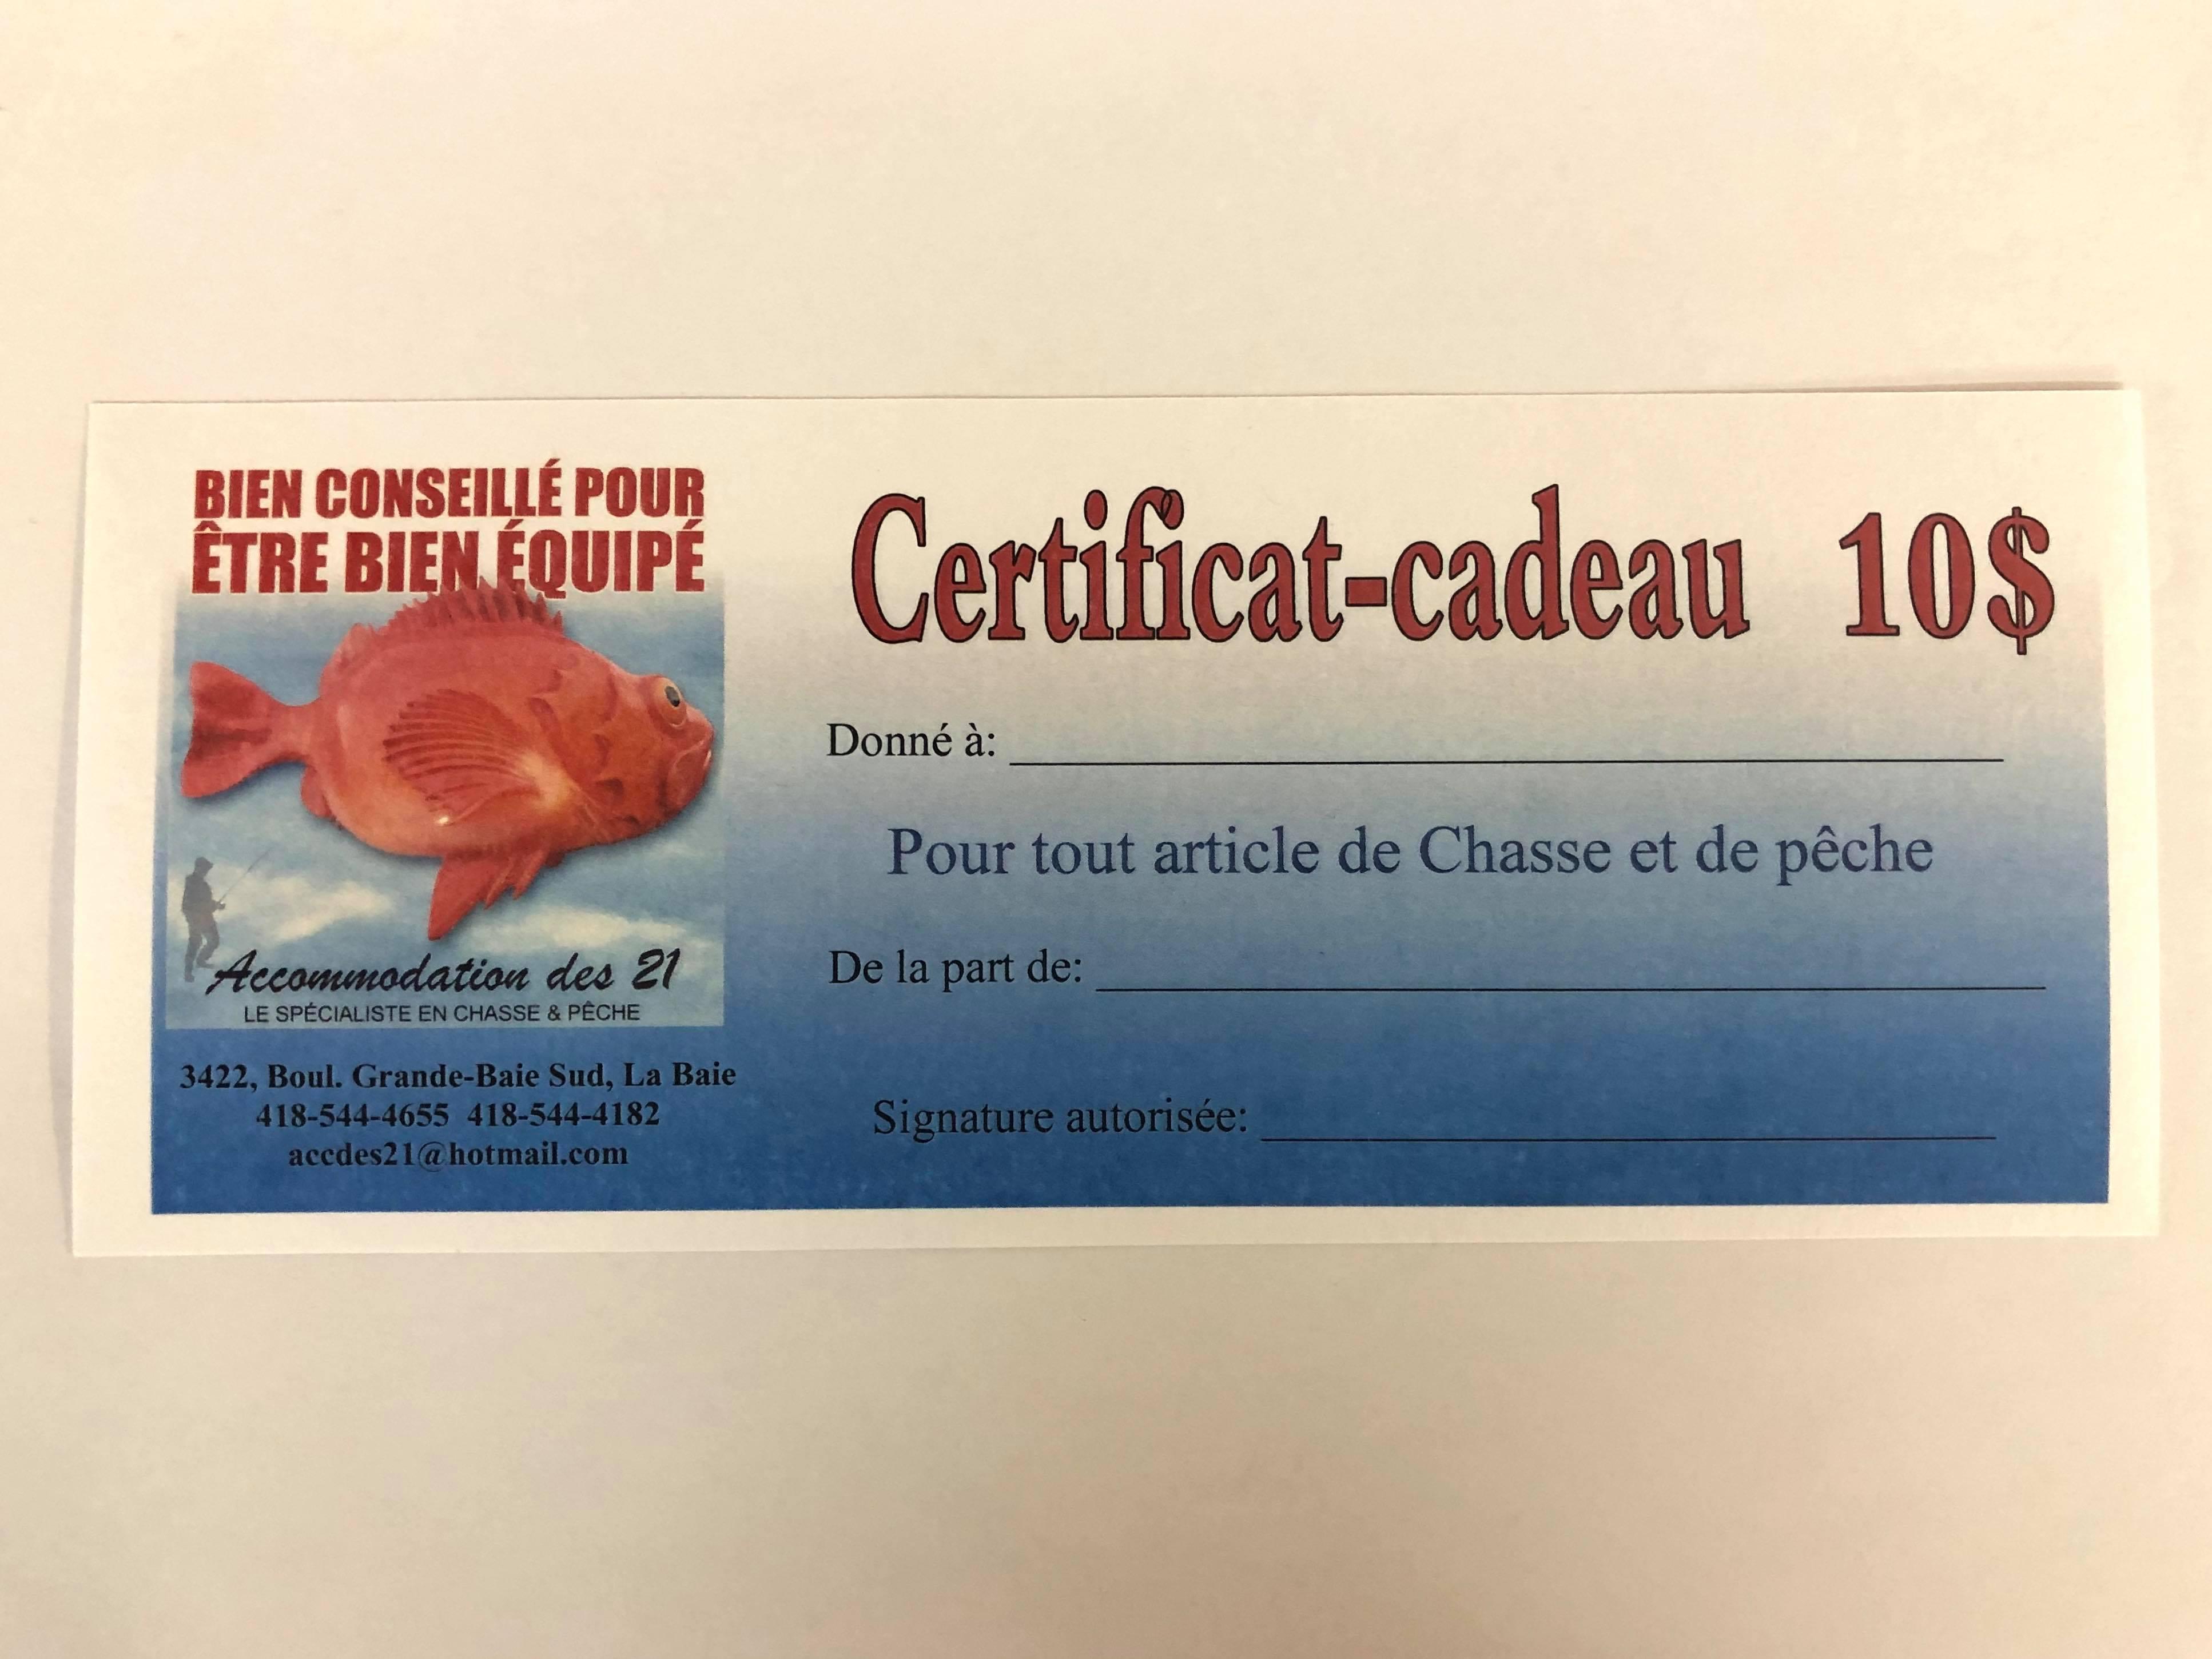 certificat cadeau 10$